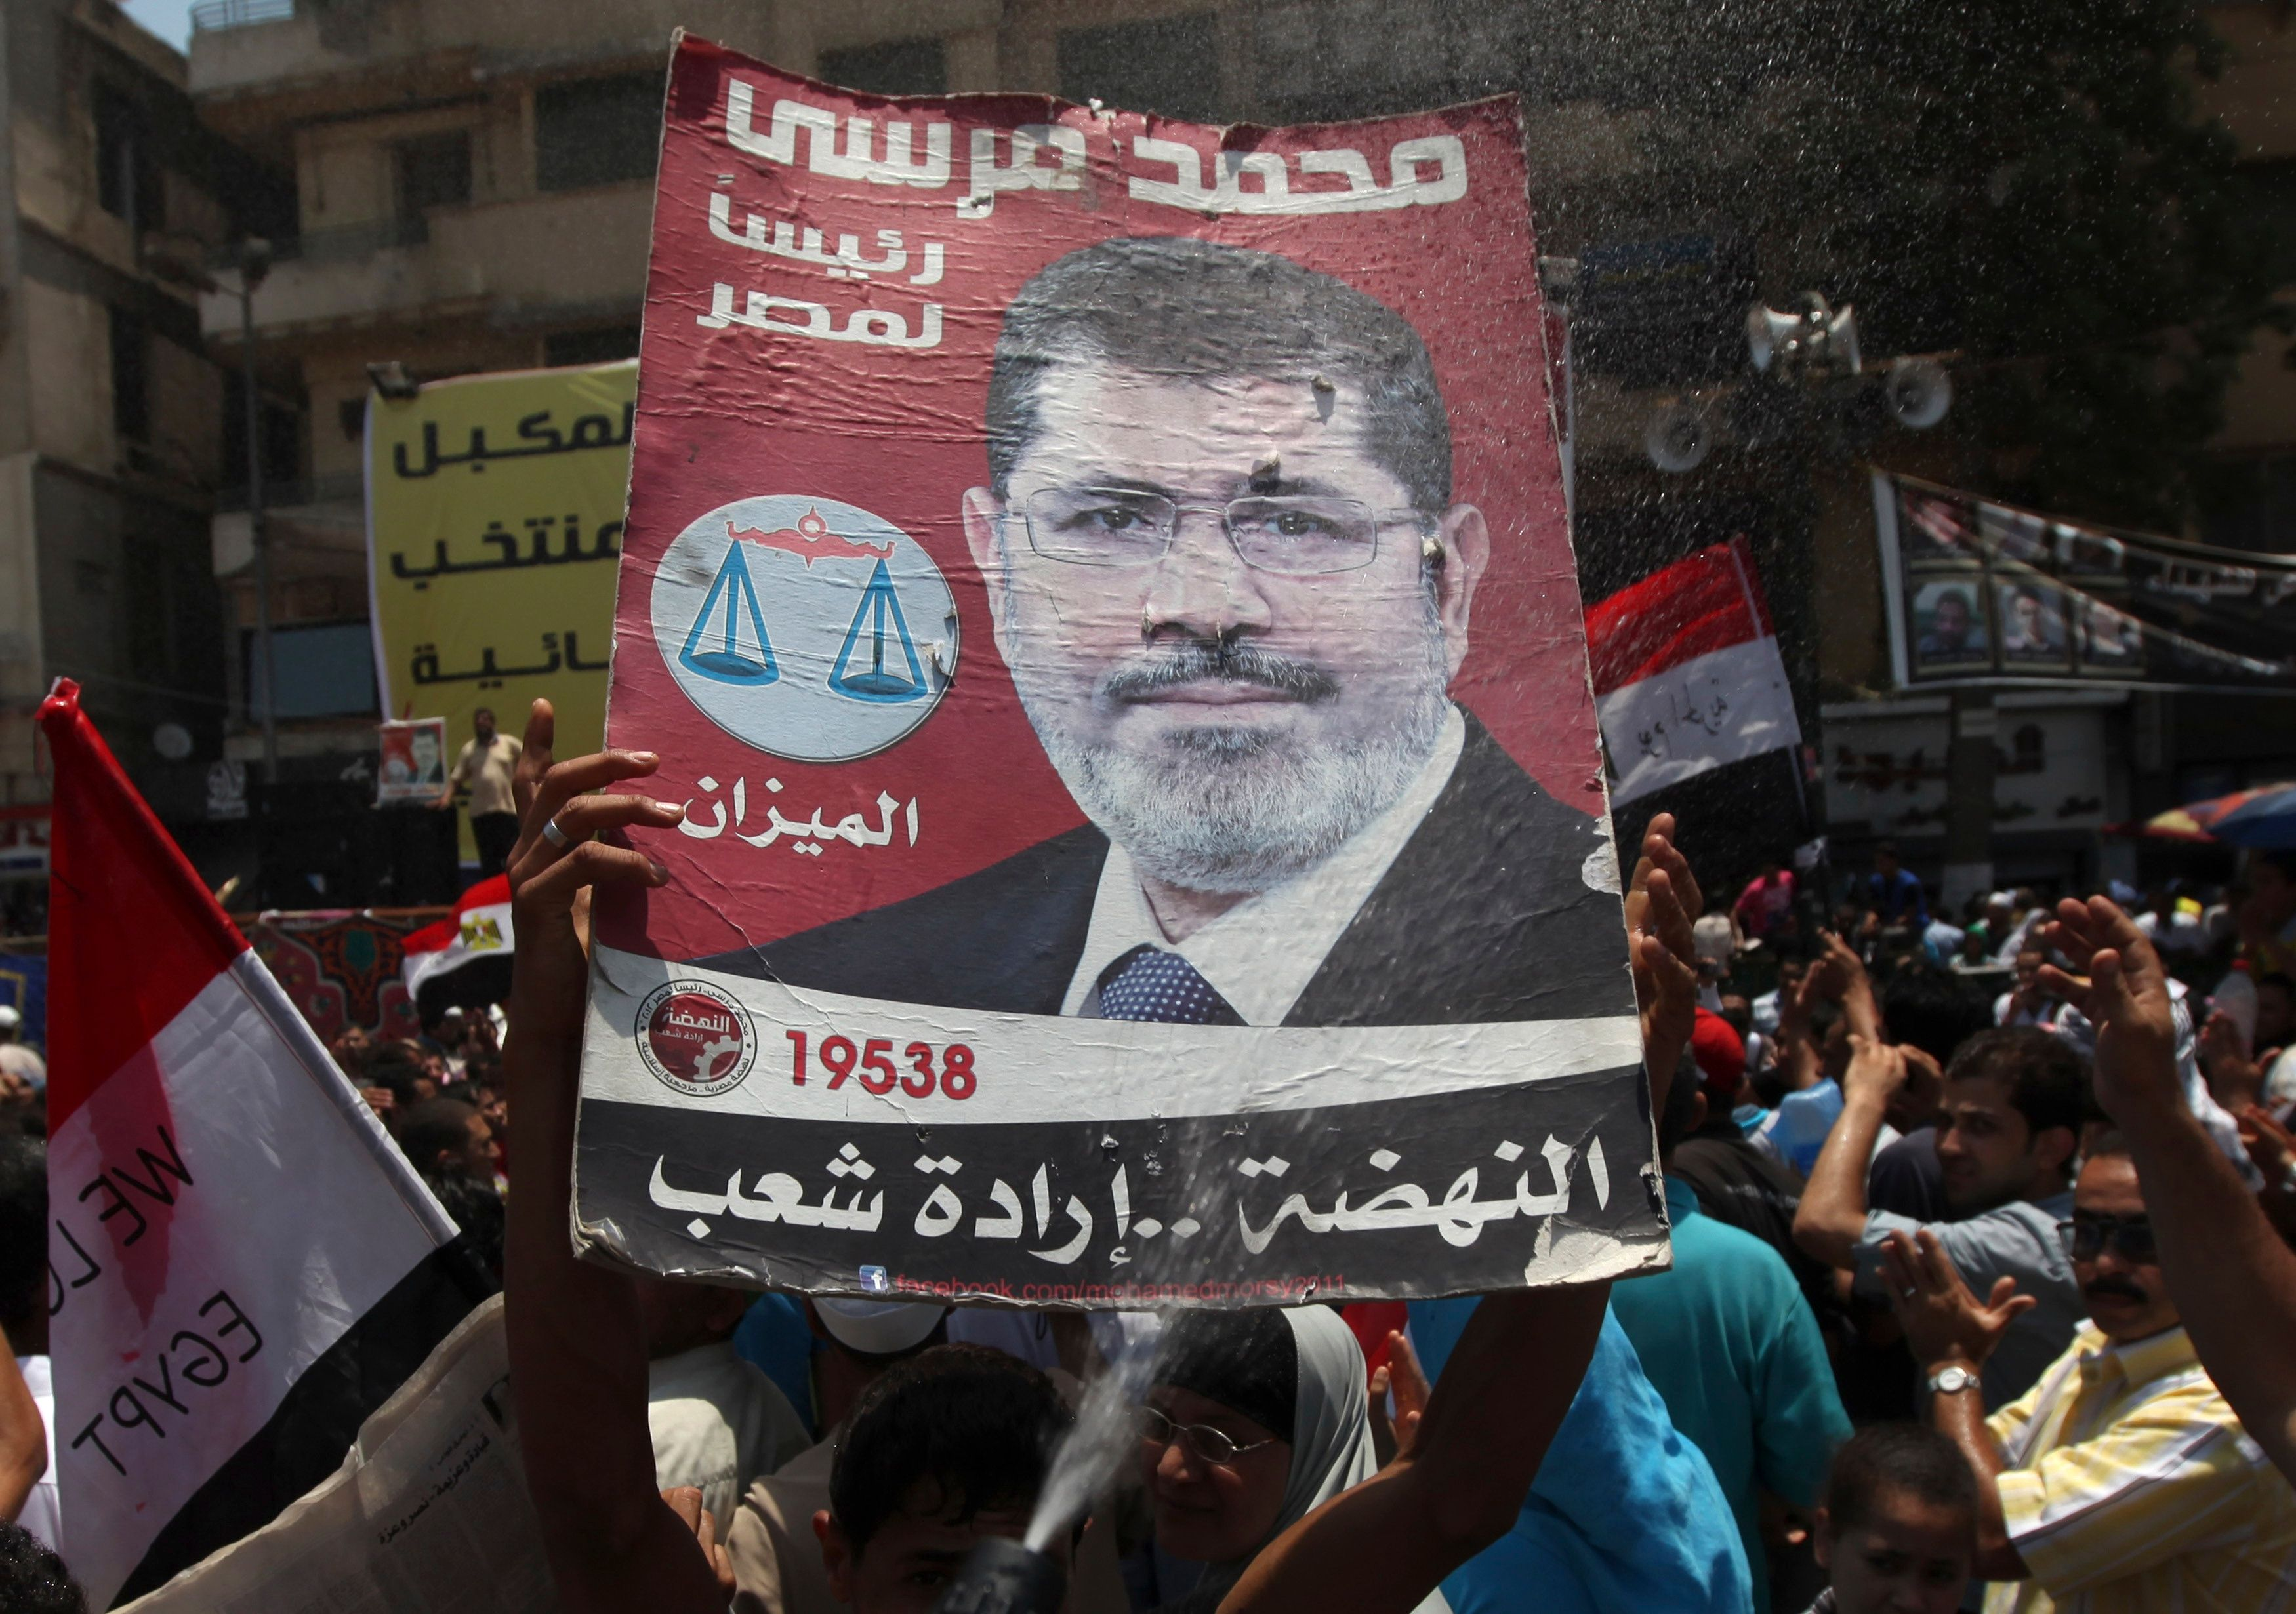 Trente-six détenus membres des Frères musulmans sont morts asphyxiés par des gaz lacrymogènes